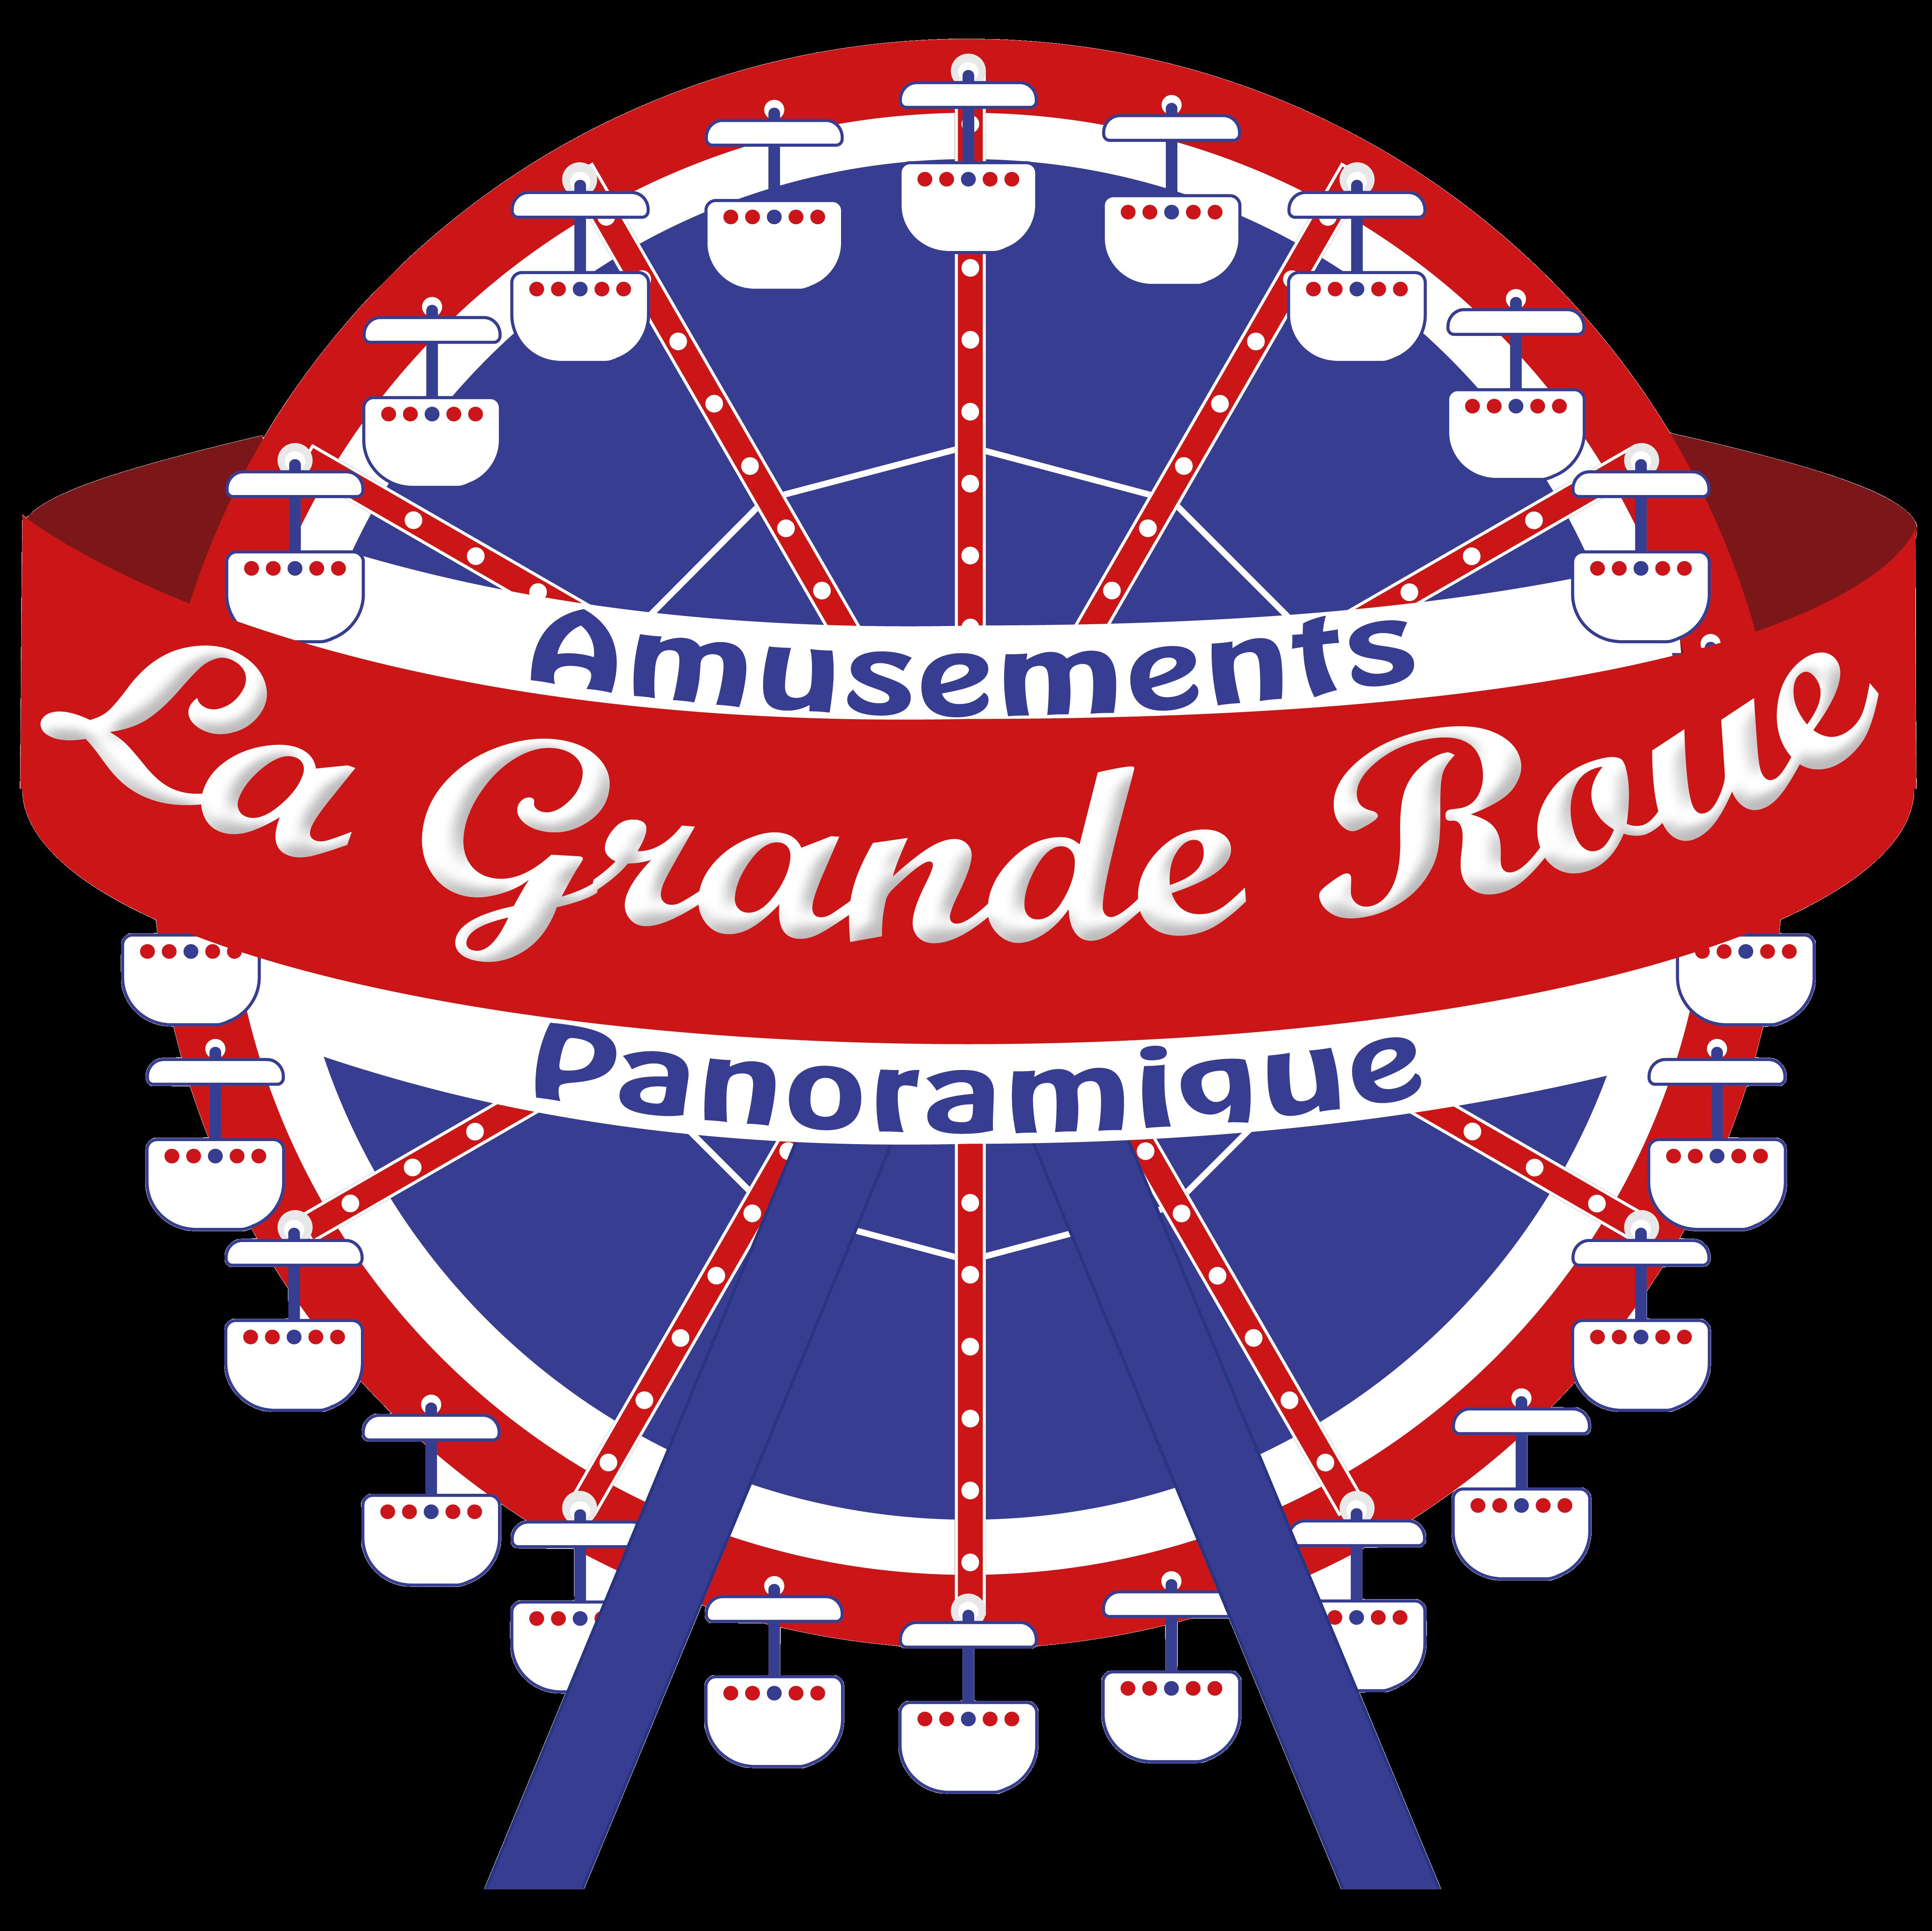 AMUSEMENTS LA GRANDE ROUE